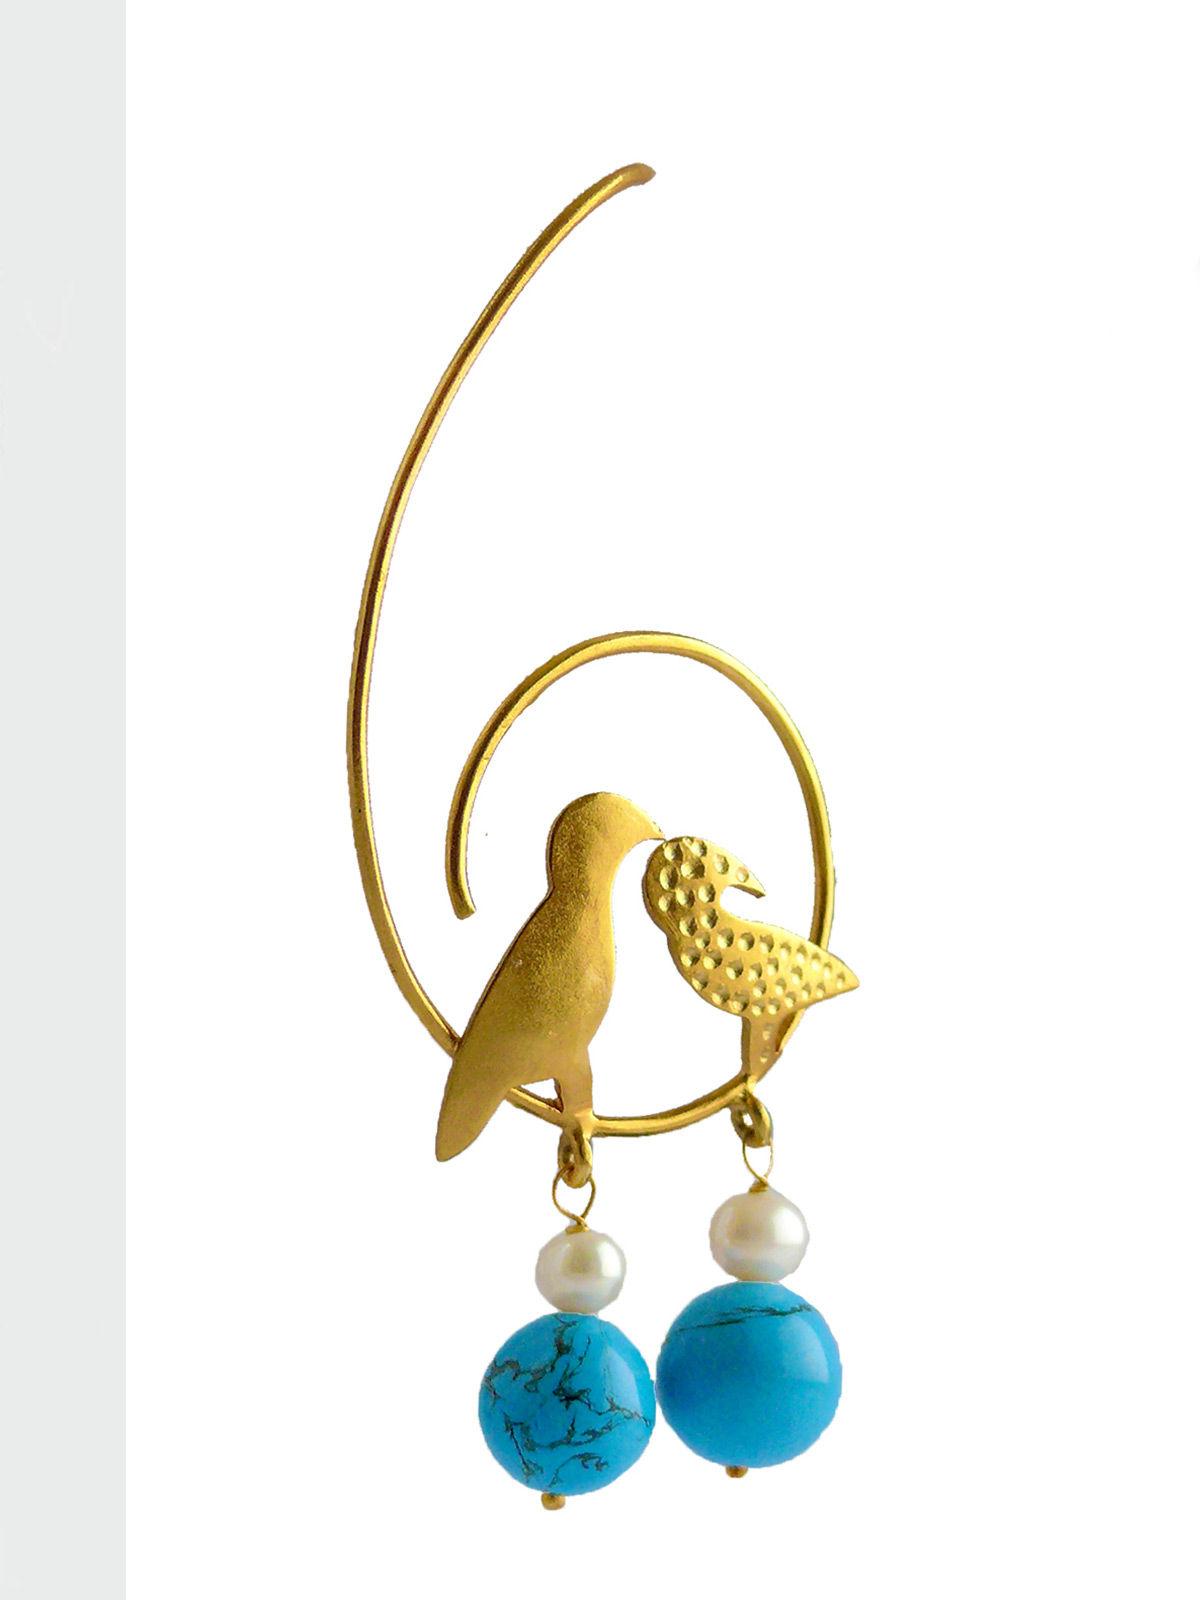 Siddhaa chirping birds design in golden color earrings